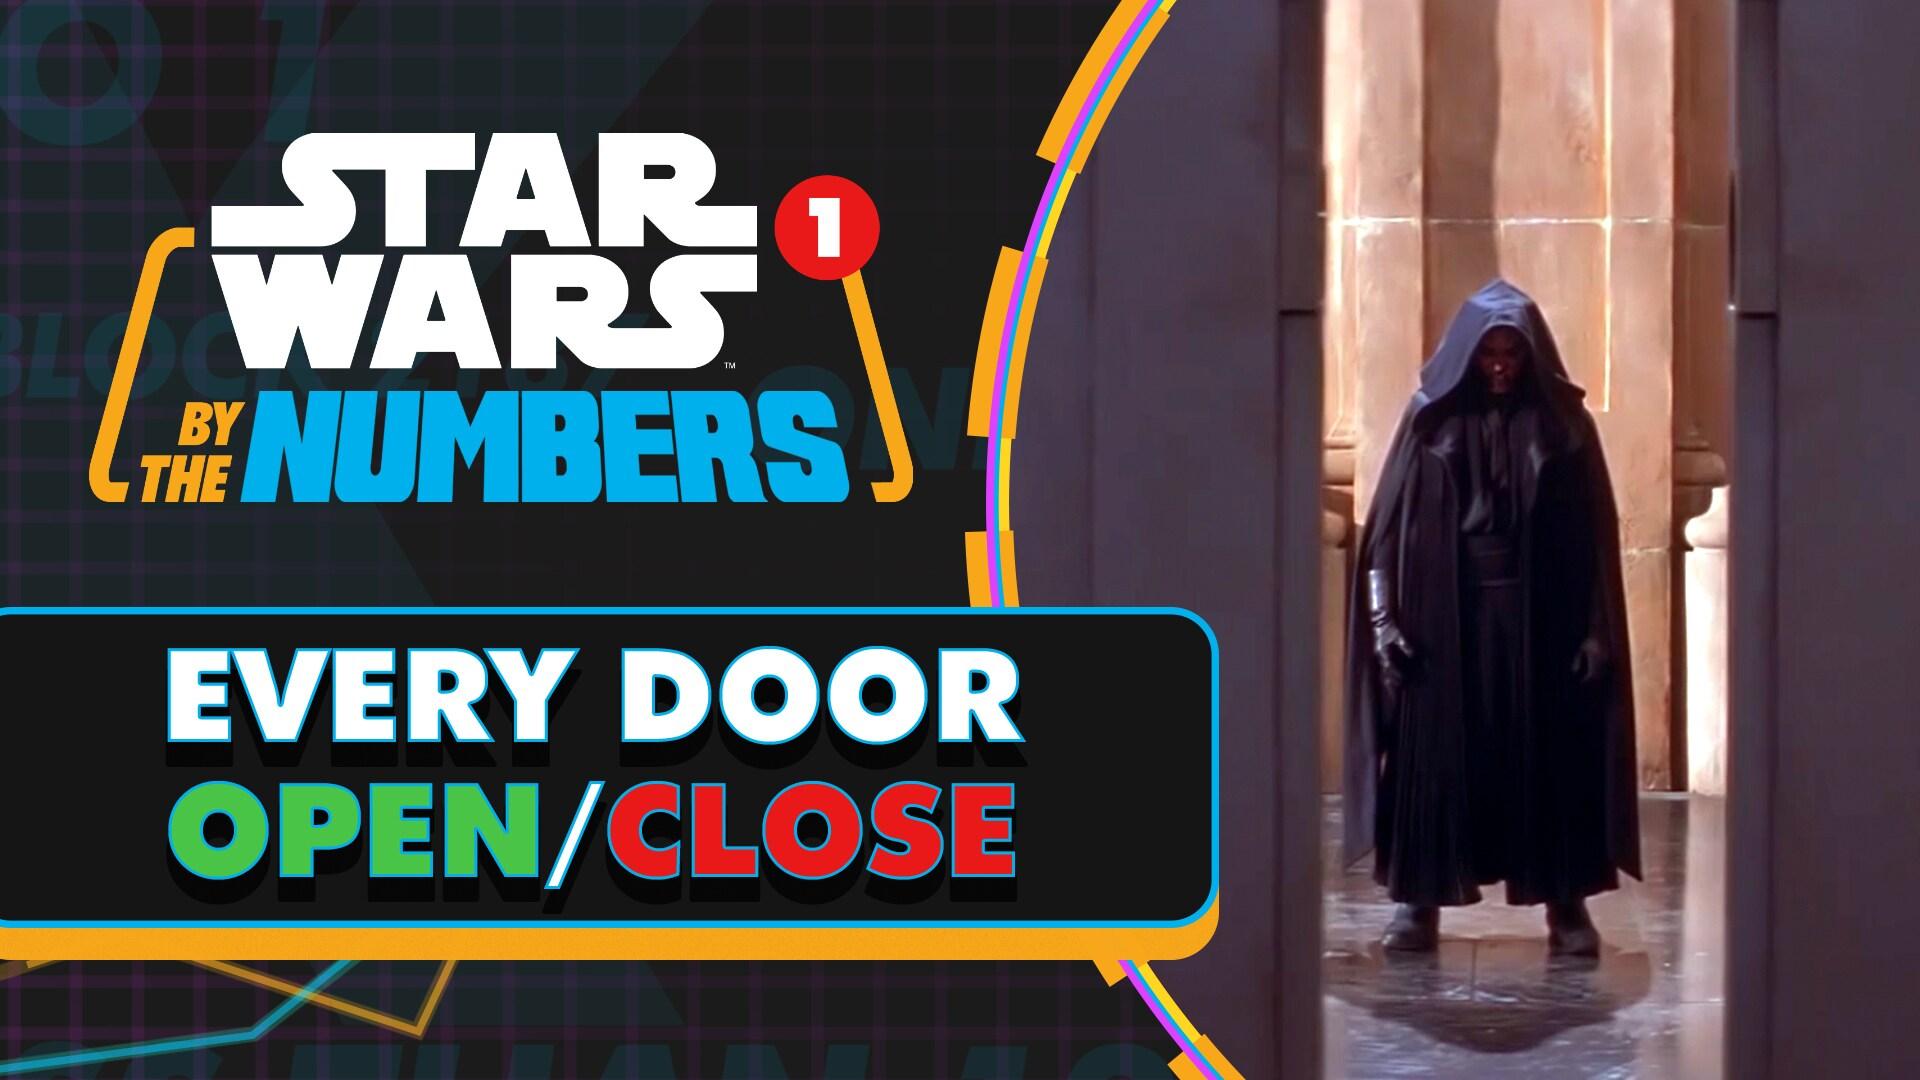 Doors Opening Vs. Doors Closing in Star Wars | Star Wars By the Numbers